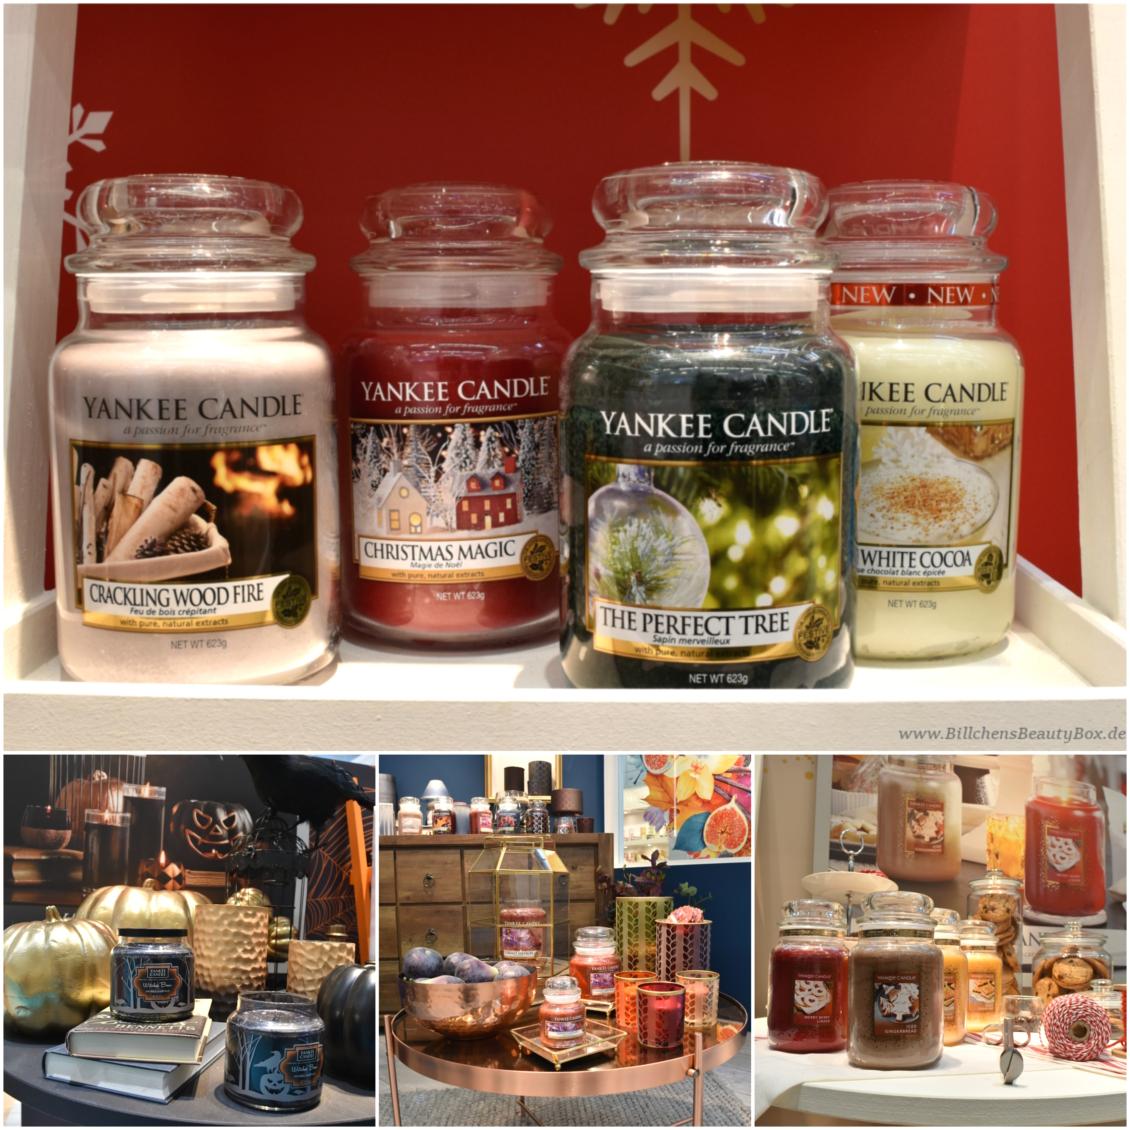 Yankee Candle - Vorschau Herbst / Winter 2017 - Kollektionen, Accessoires und Duftbeschreibungen